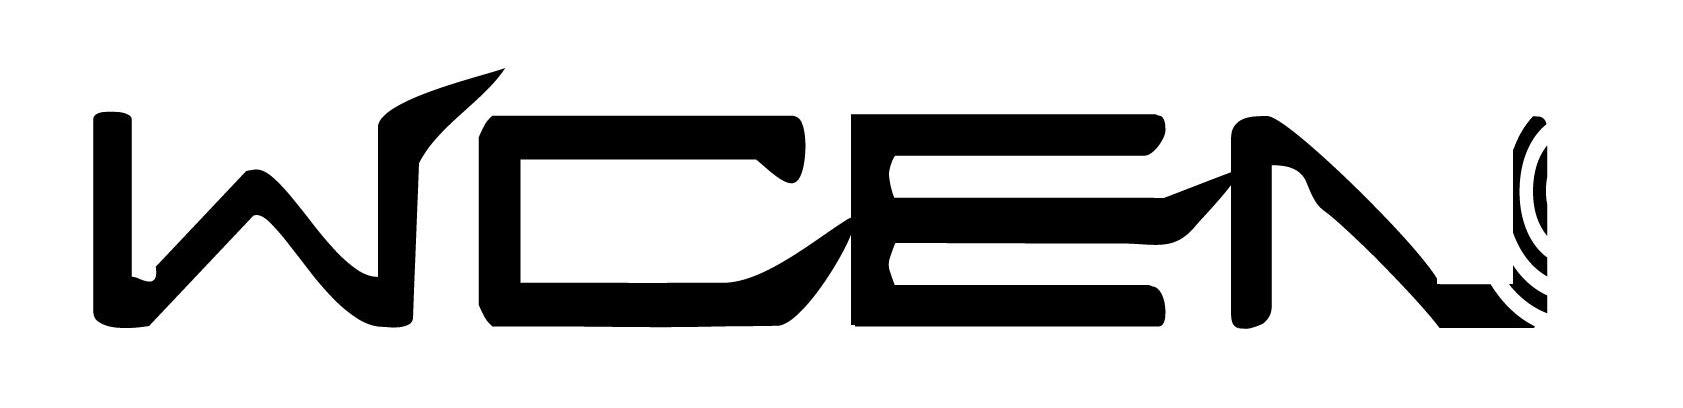 WCEN logo